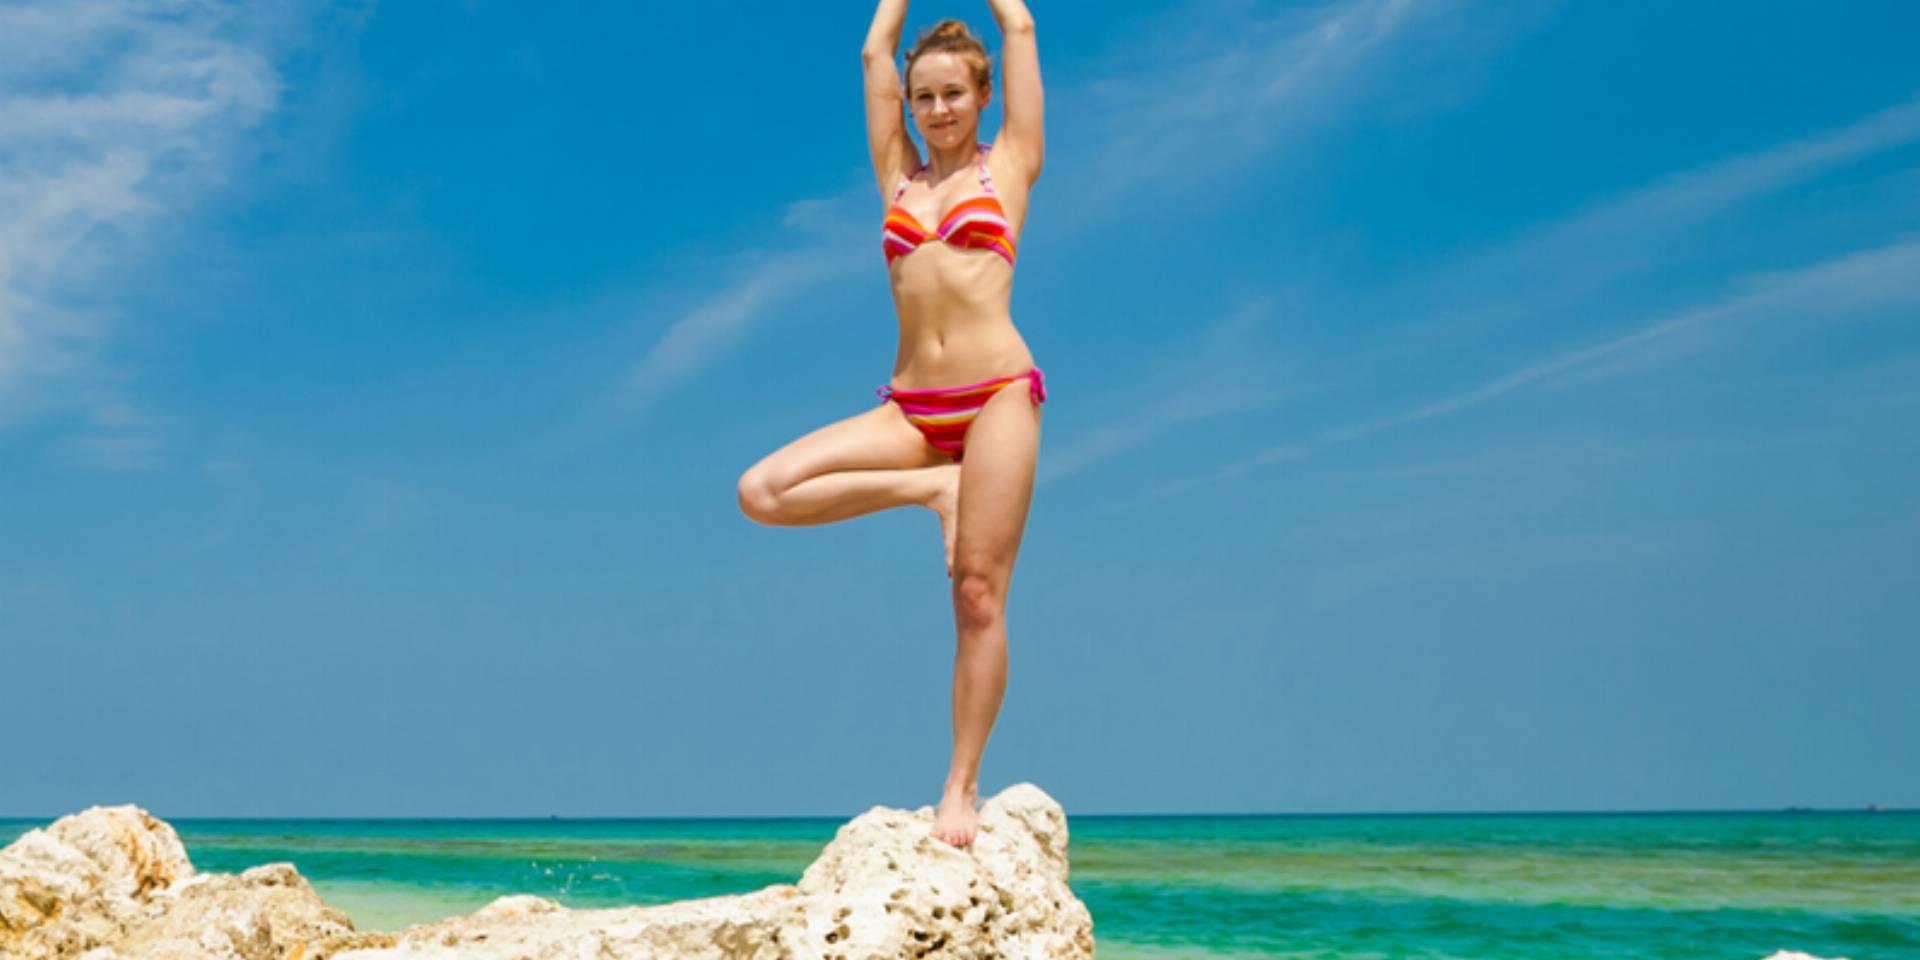 Czy joga ma korzystny wpływ na kręgosłup